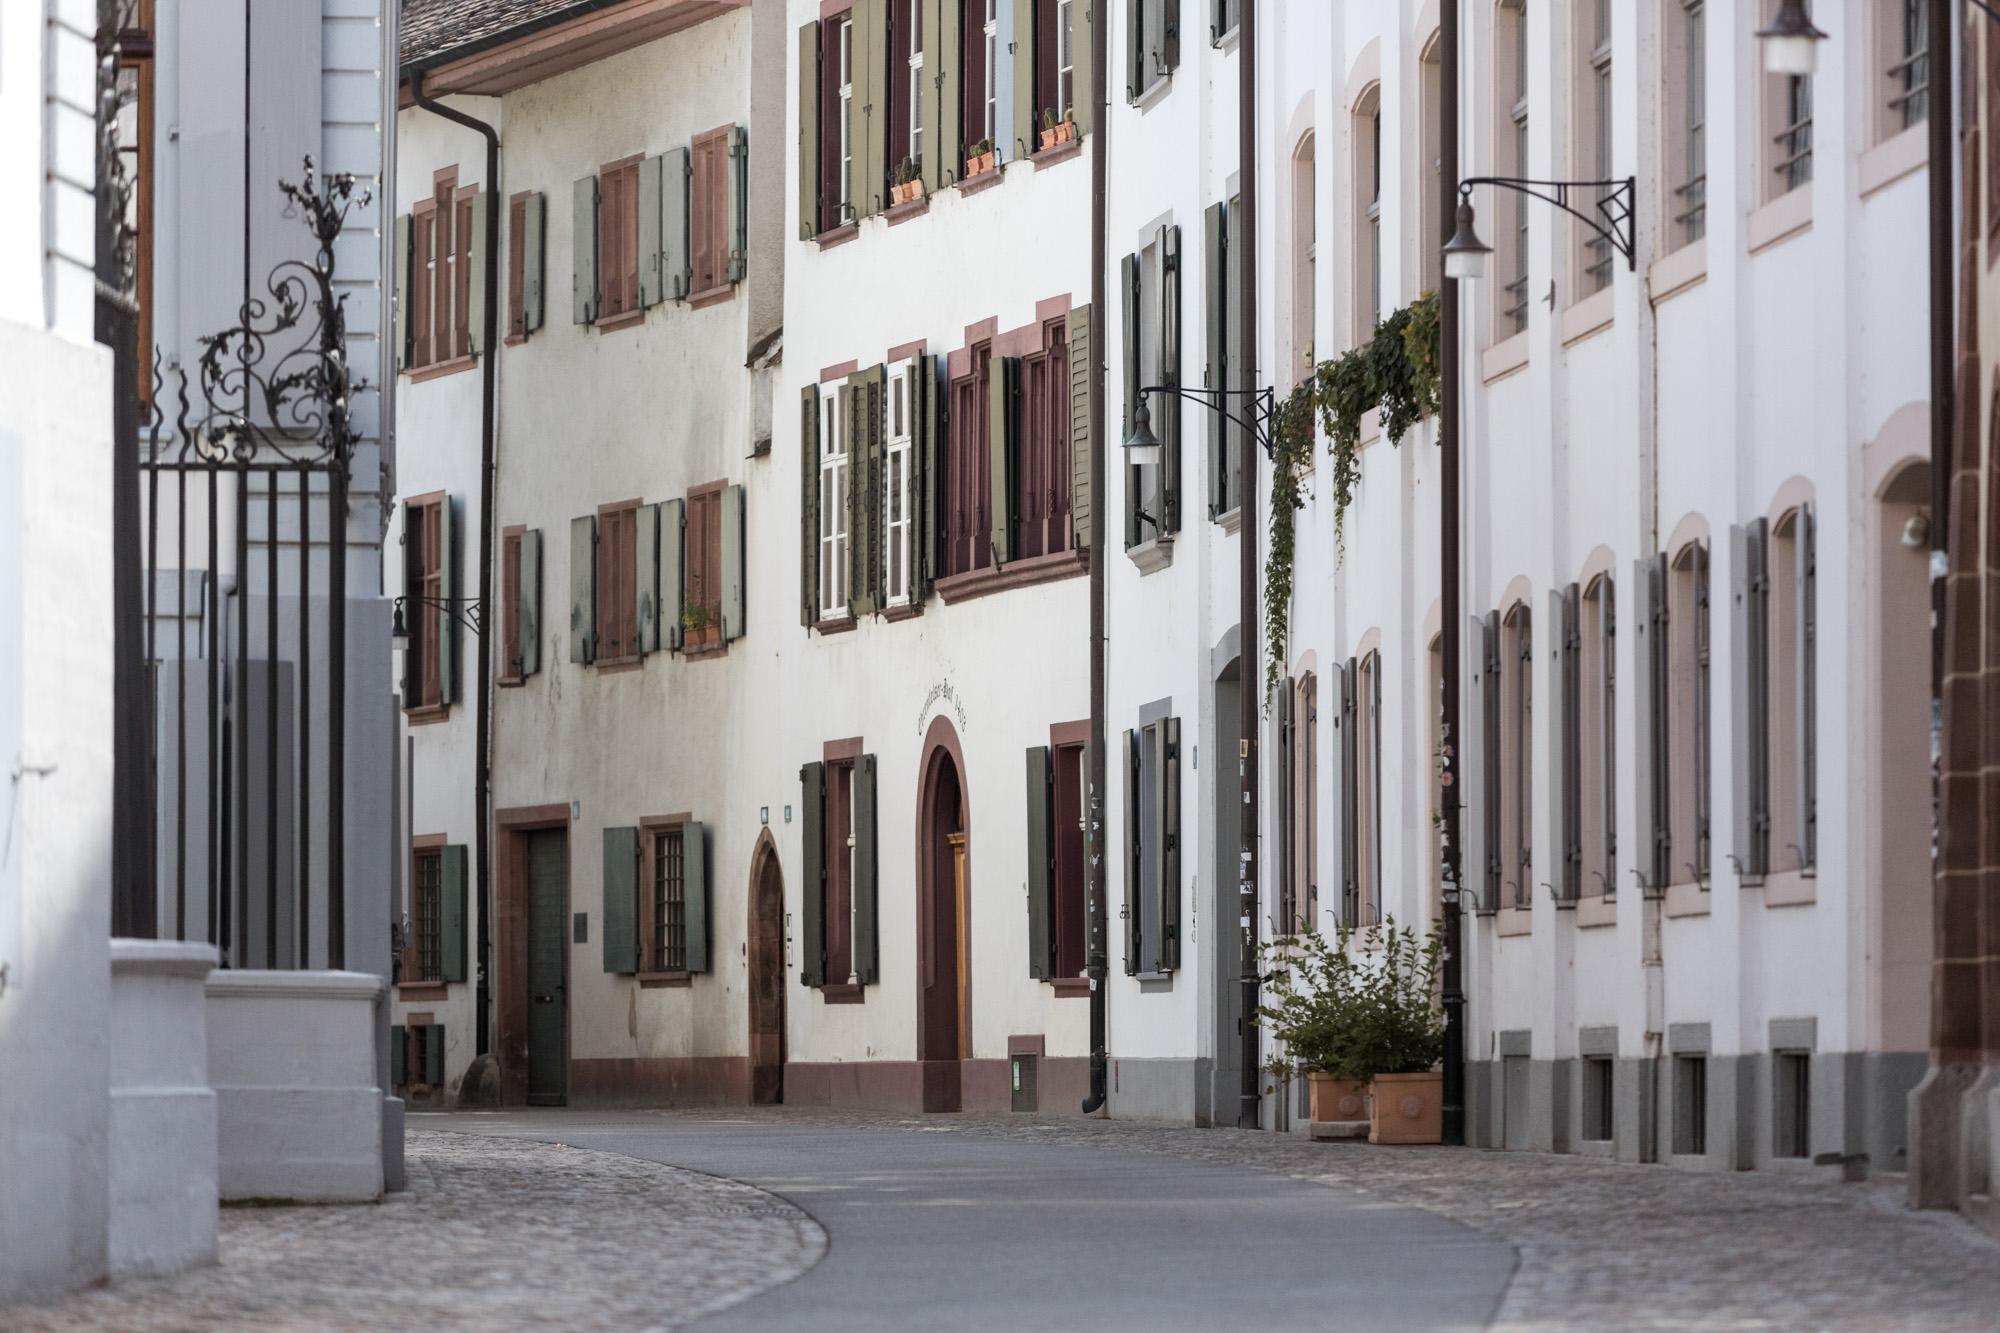 Martinsgasse in Basel - Fotoshooting in den Gassen der Altstadt in Basel